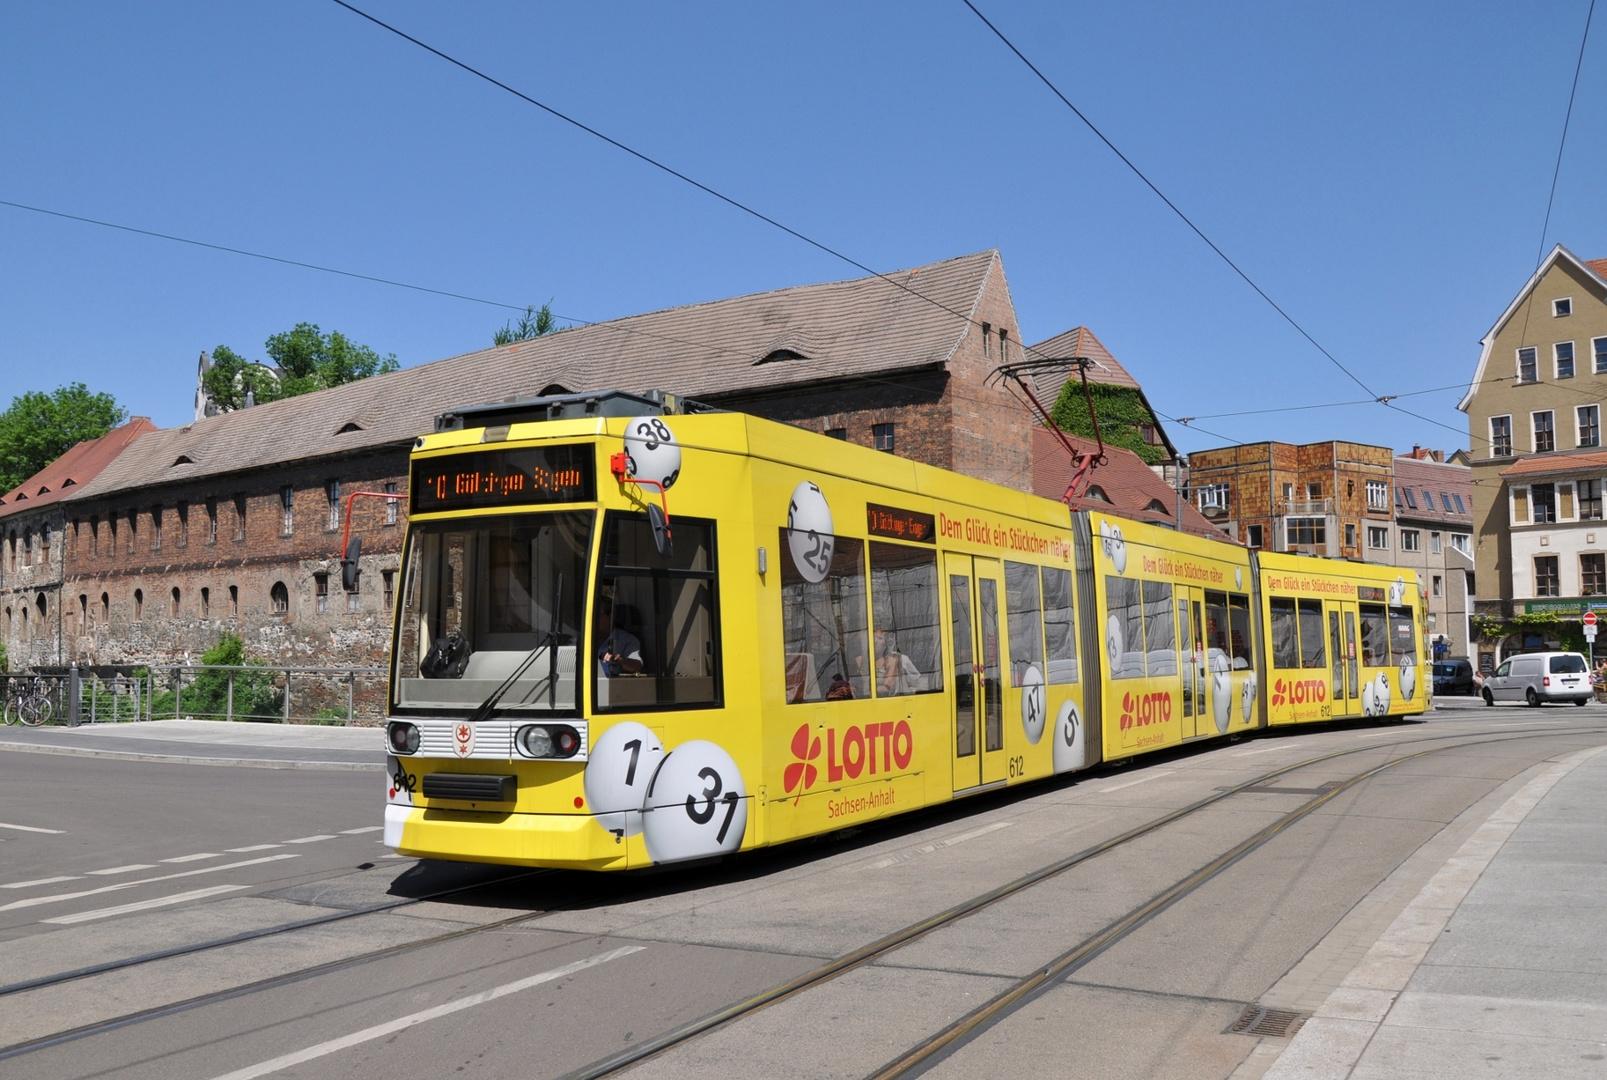 6 Aus 49 Foto Bild Bus Nahverkehr Straßenbahnen Verkehr